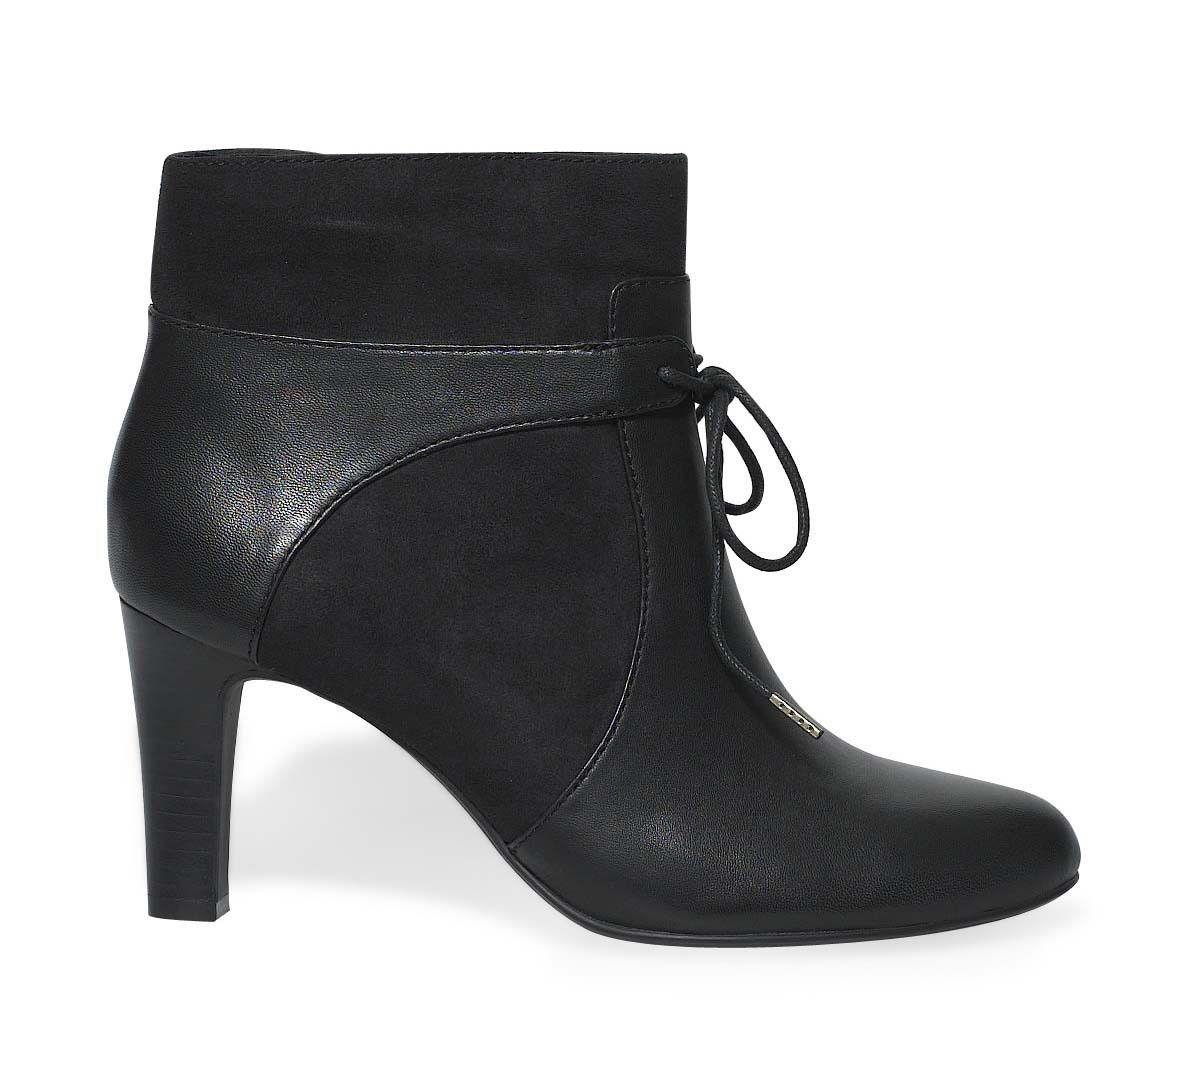 7e489b3720a0 Je veux trouver des belles bottes et chaussures femme de bonne qualité pas  cher ICI Bottine retro